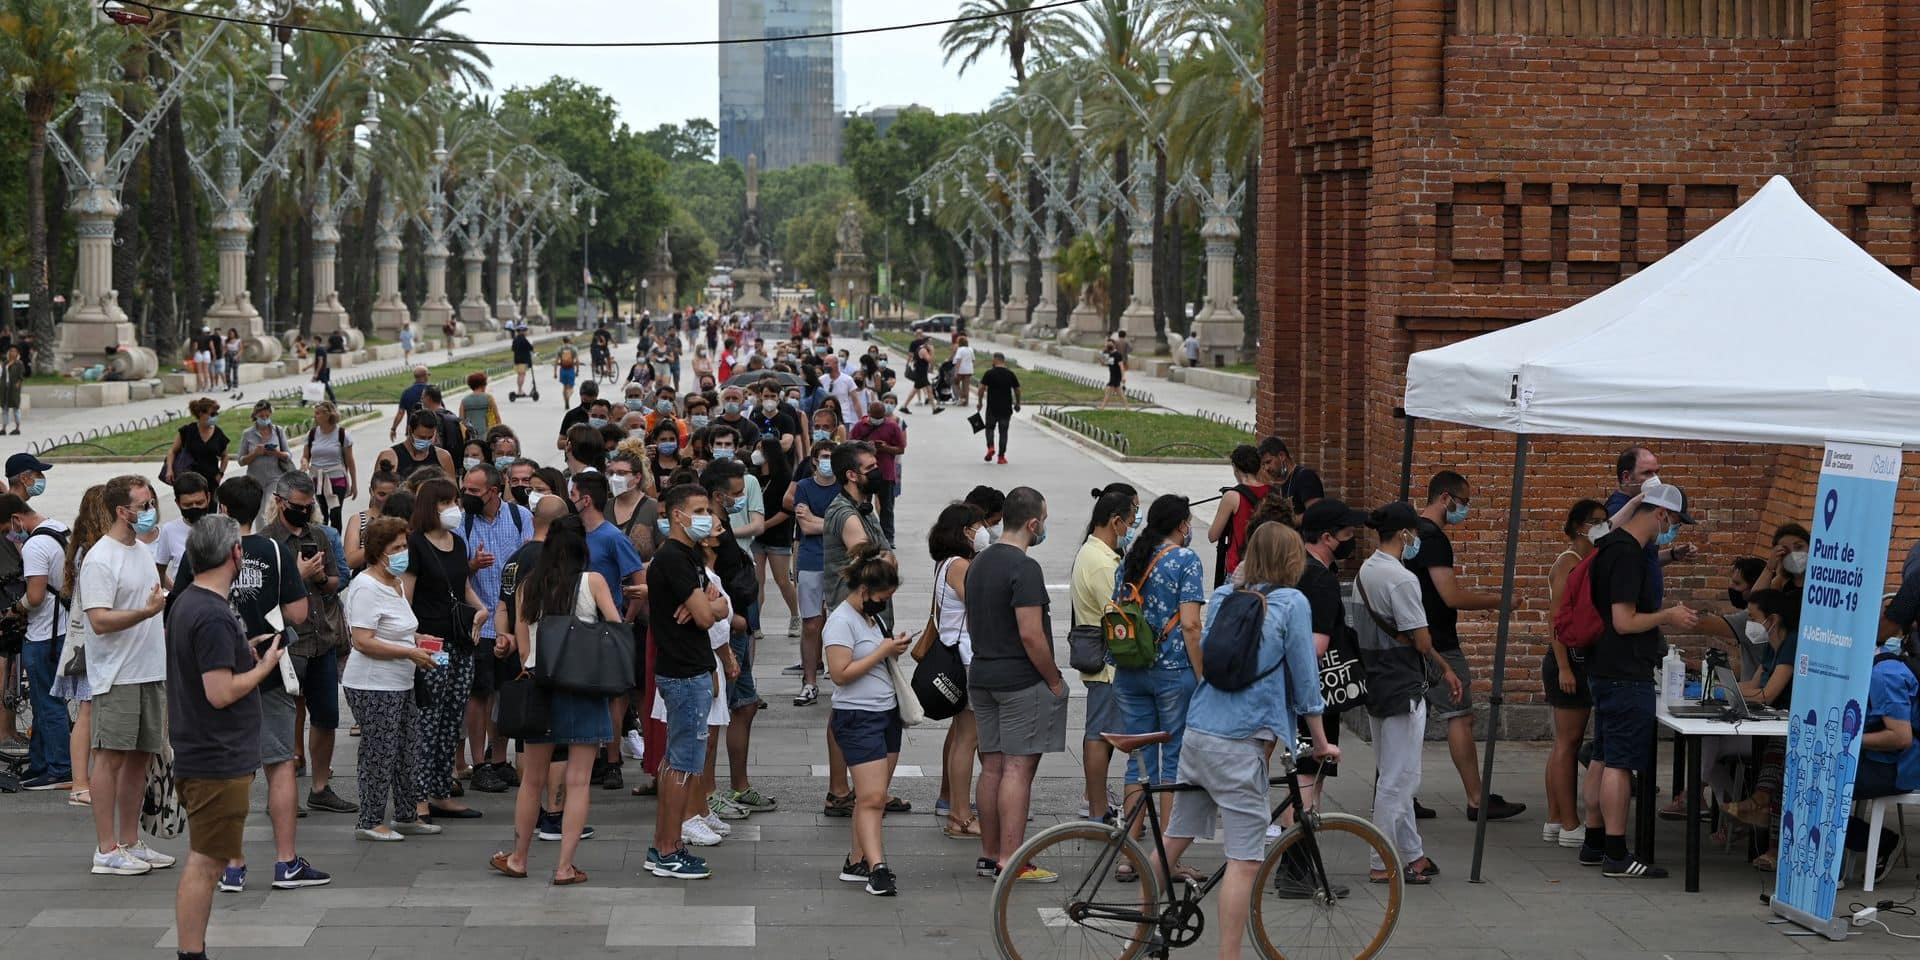 L'Espagne veut accélérer la vaccination des jeunes pour éviter une nouvelle vague du Covid-19